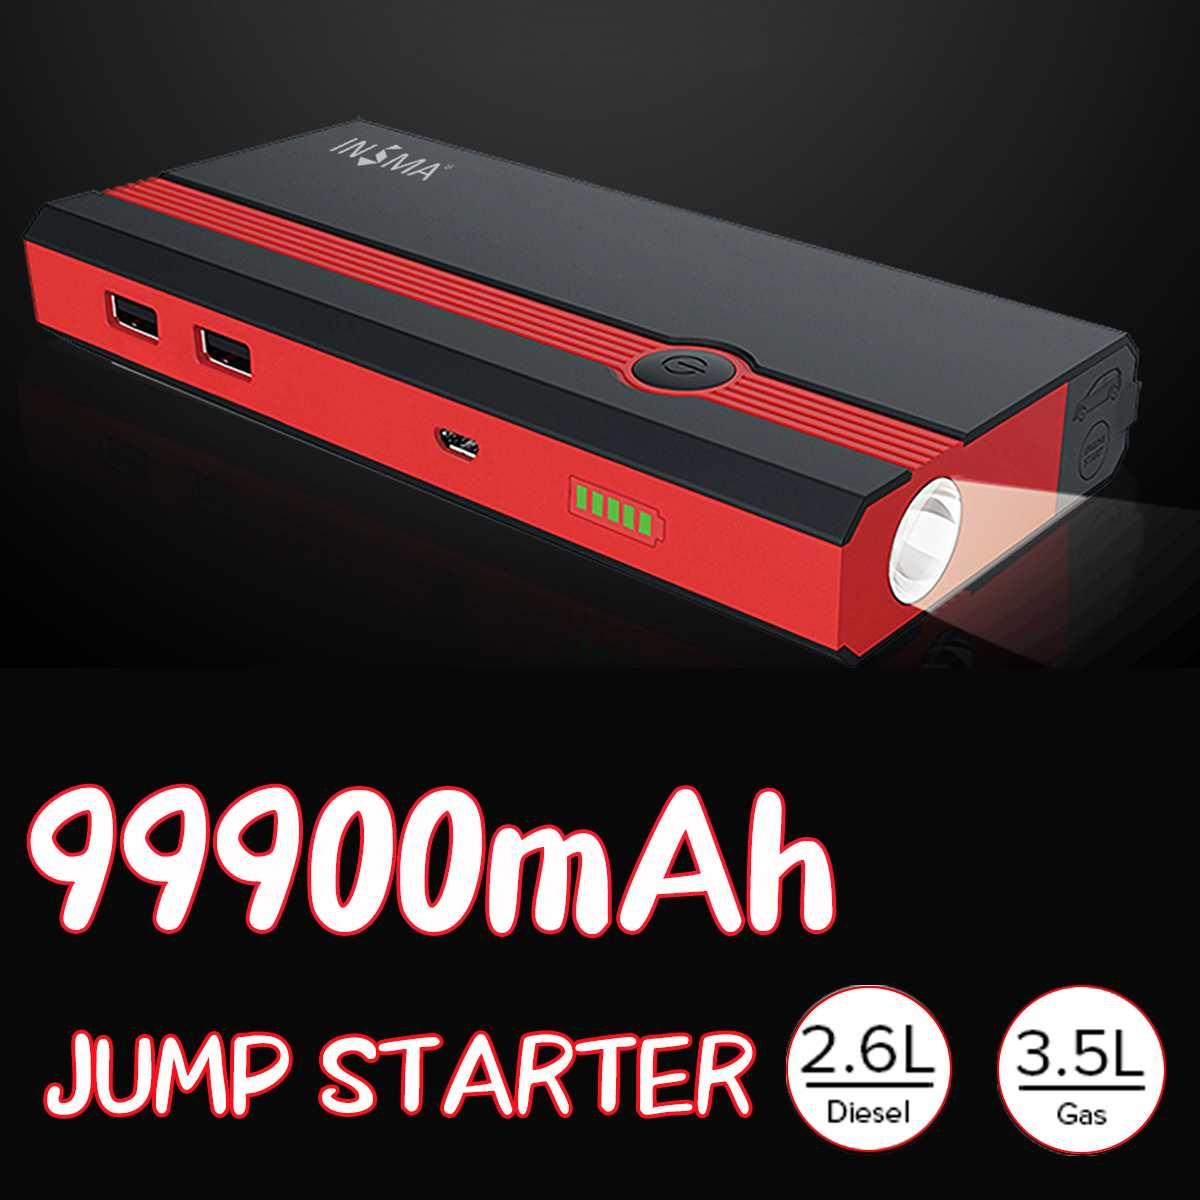 99900 мАч многофункциональный автомобильный стартер Power Bank 12V 400A USB портативный аварийный Автомобильный Аккумулятор Booster пусковое устройство